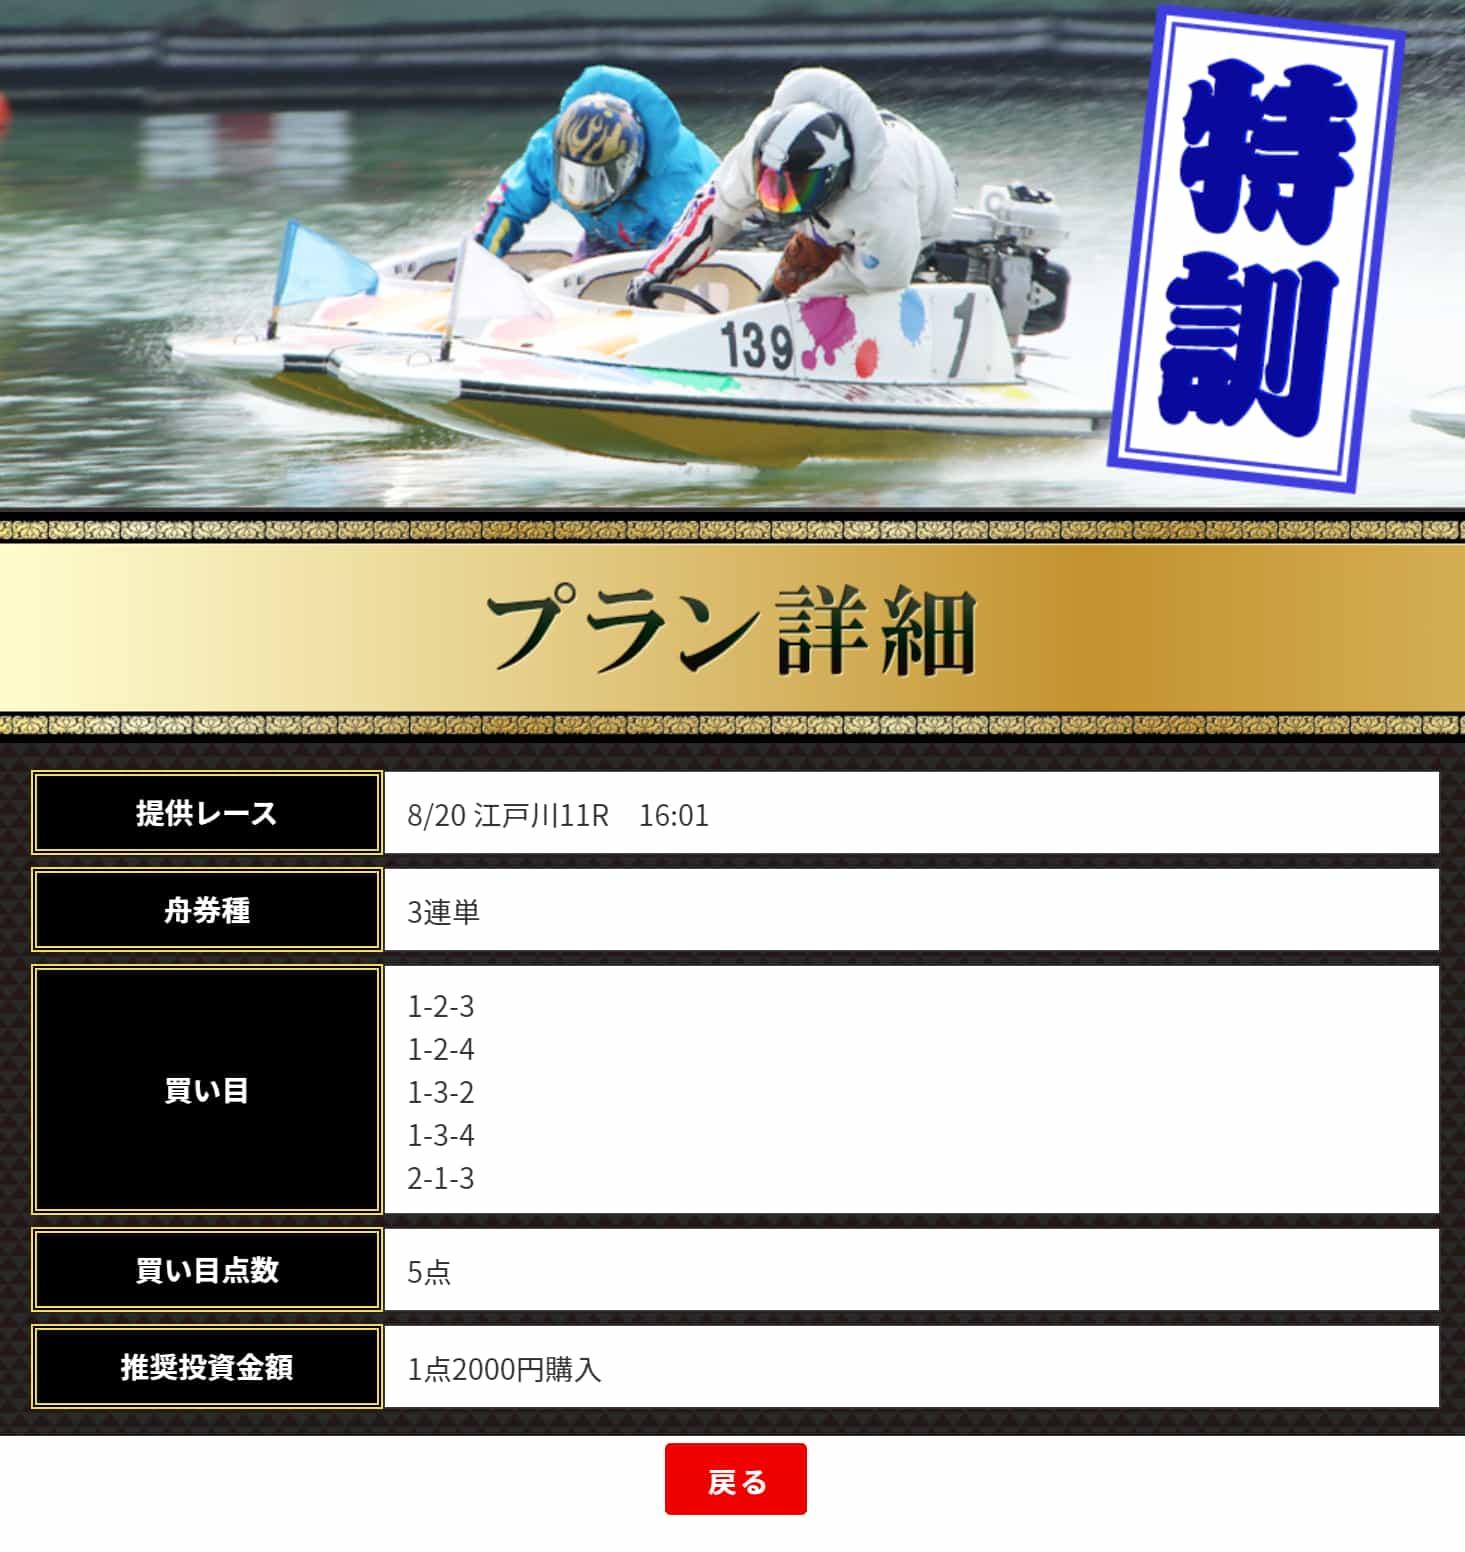 優良 船の時代 口コミ検証や無料情報の予想結果も公開中 8/20 江戸川11Rの買い目